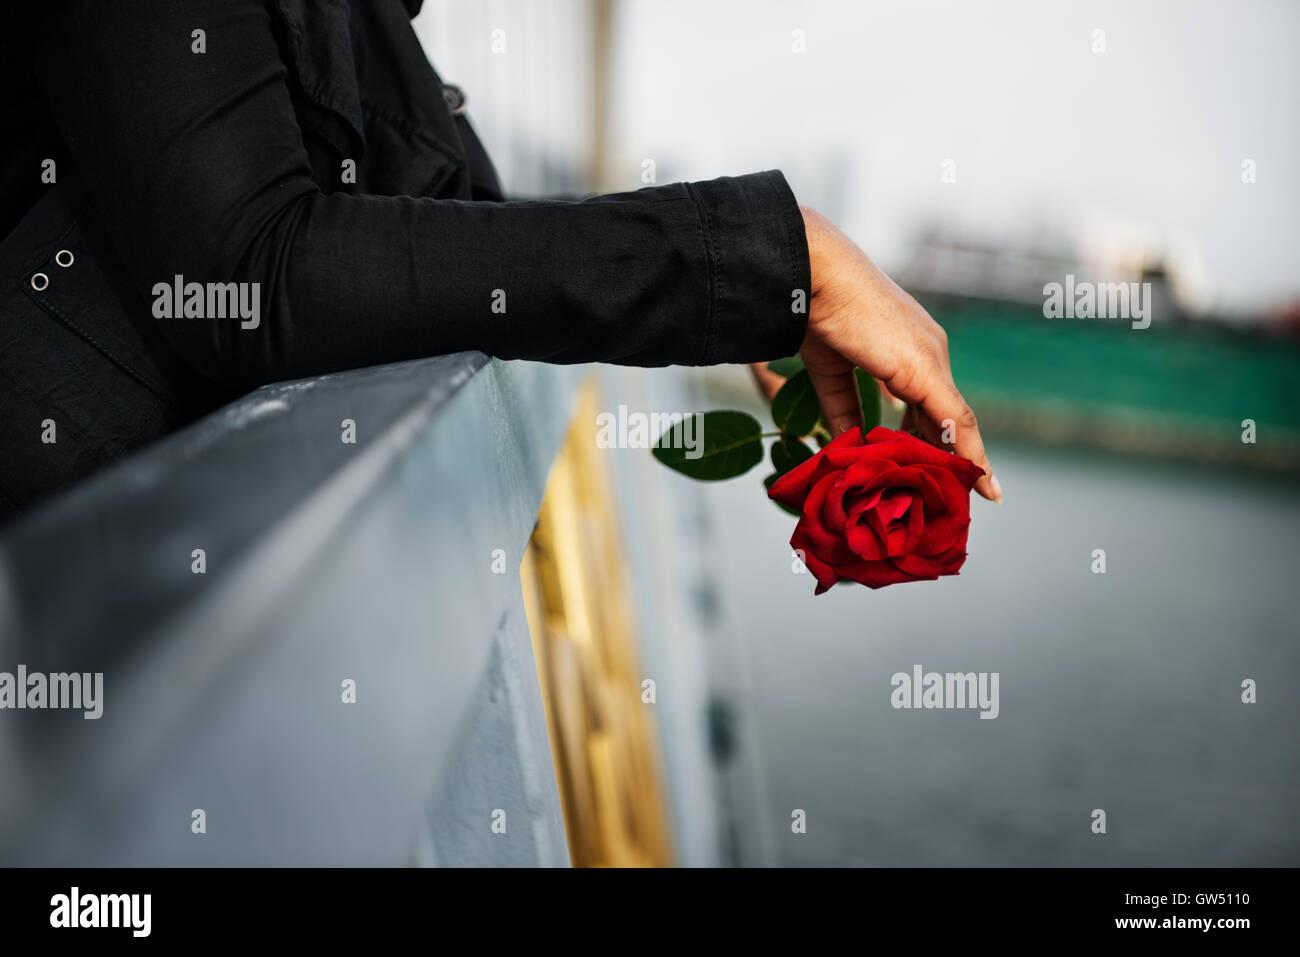 La douleur d'amour déçu dépressif mal Concept cassée Photo Stock